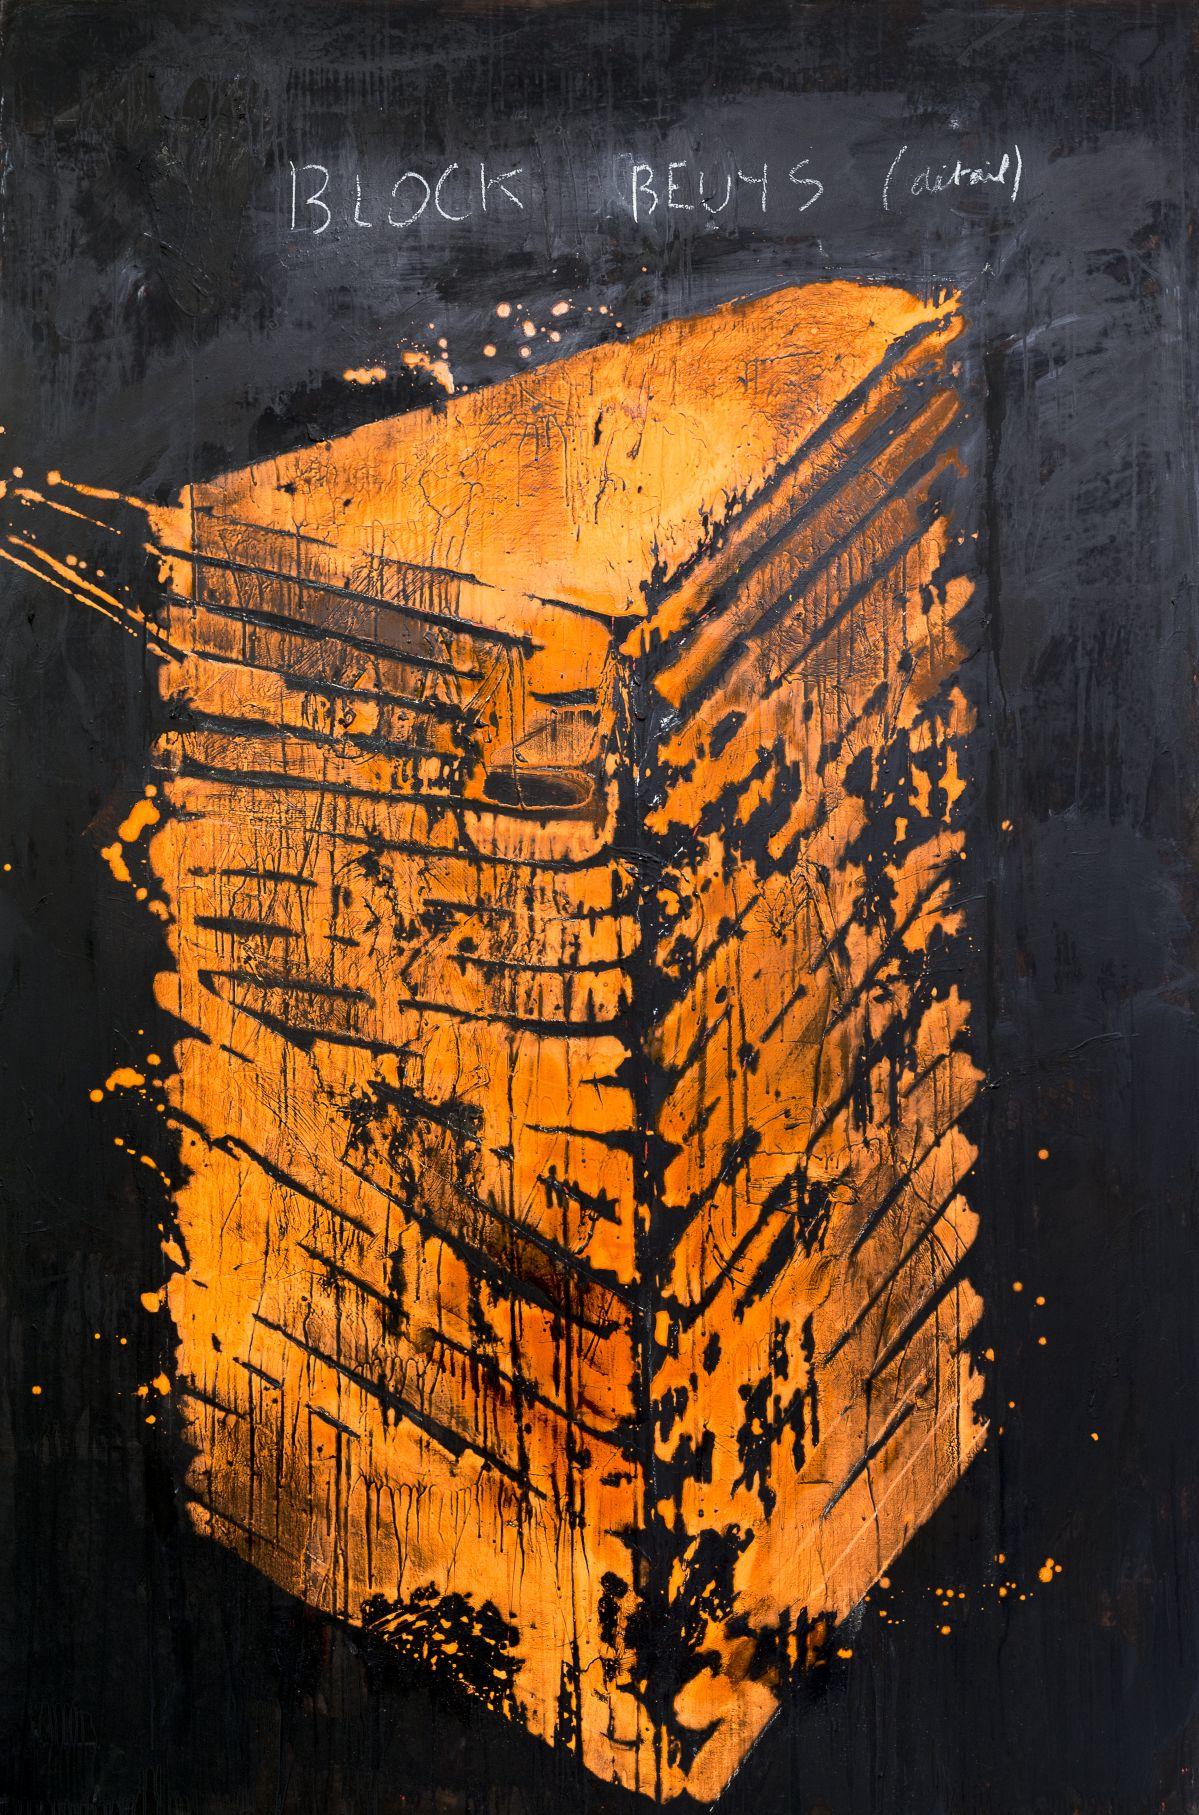 Georges Autard - D'après Beuys, 2019 - La forme informe- Galerie ALMA- Vue de l'exposition Photo © David Huguenin